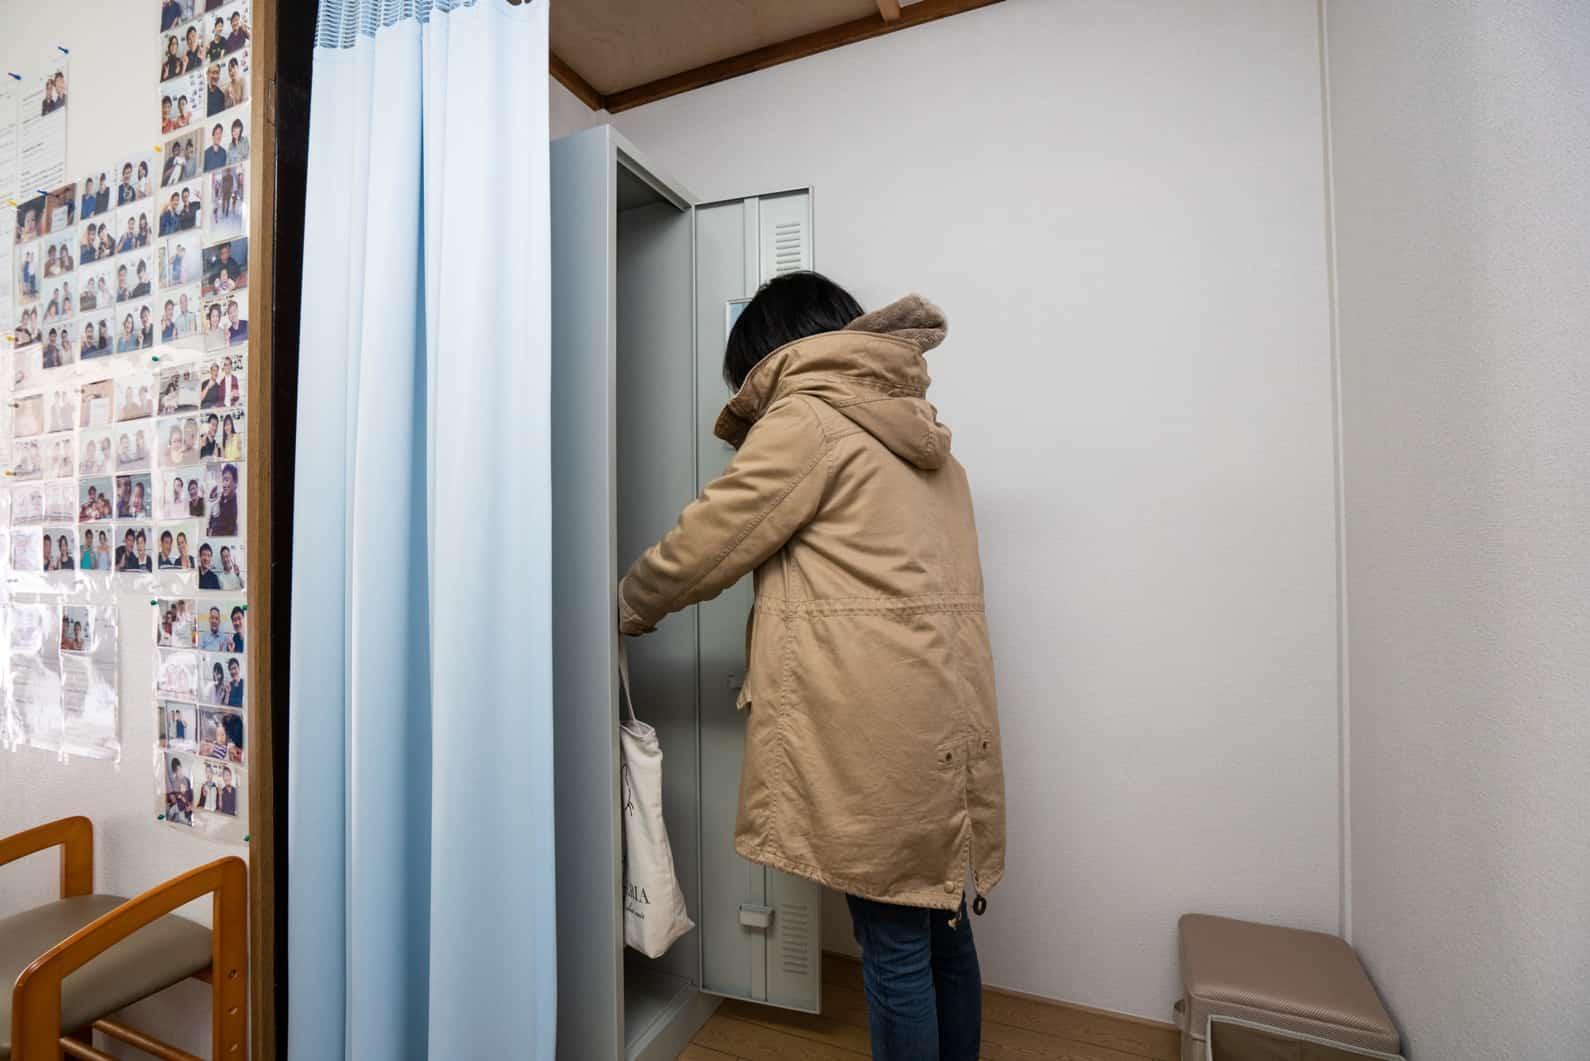 更衣室とロッカースペース